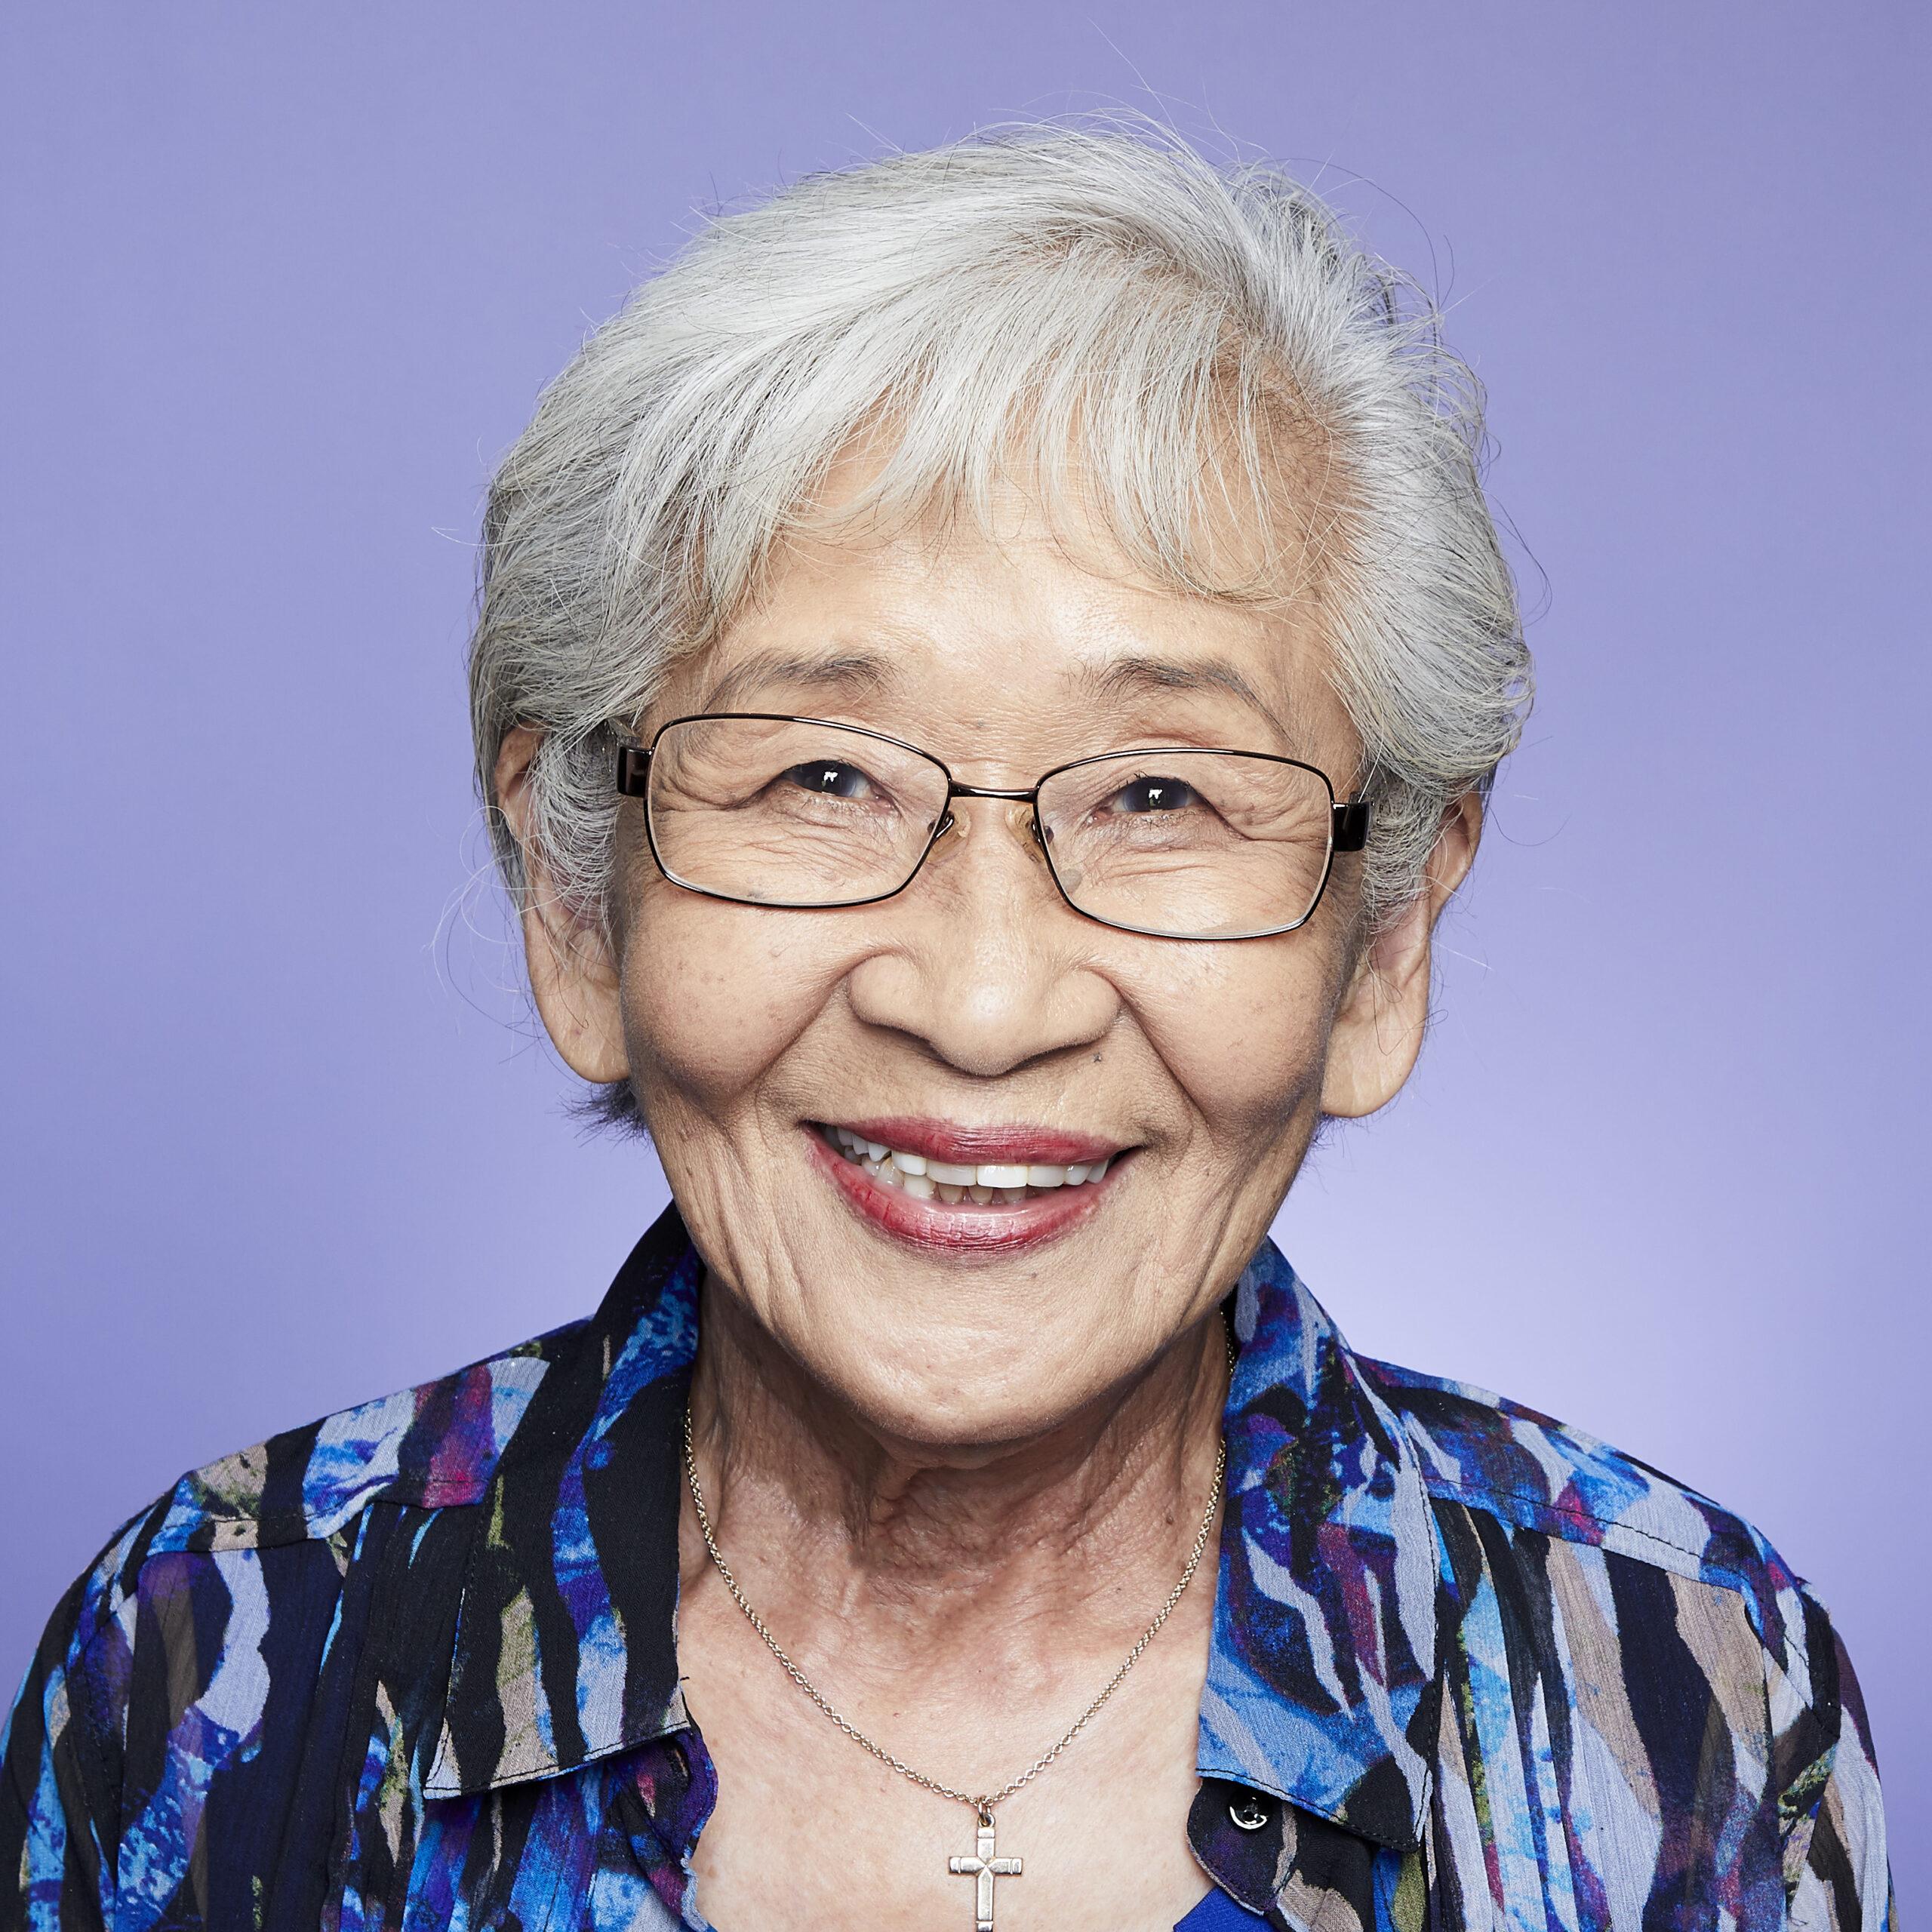 Masako Parshall headshot